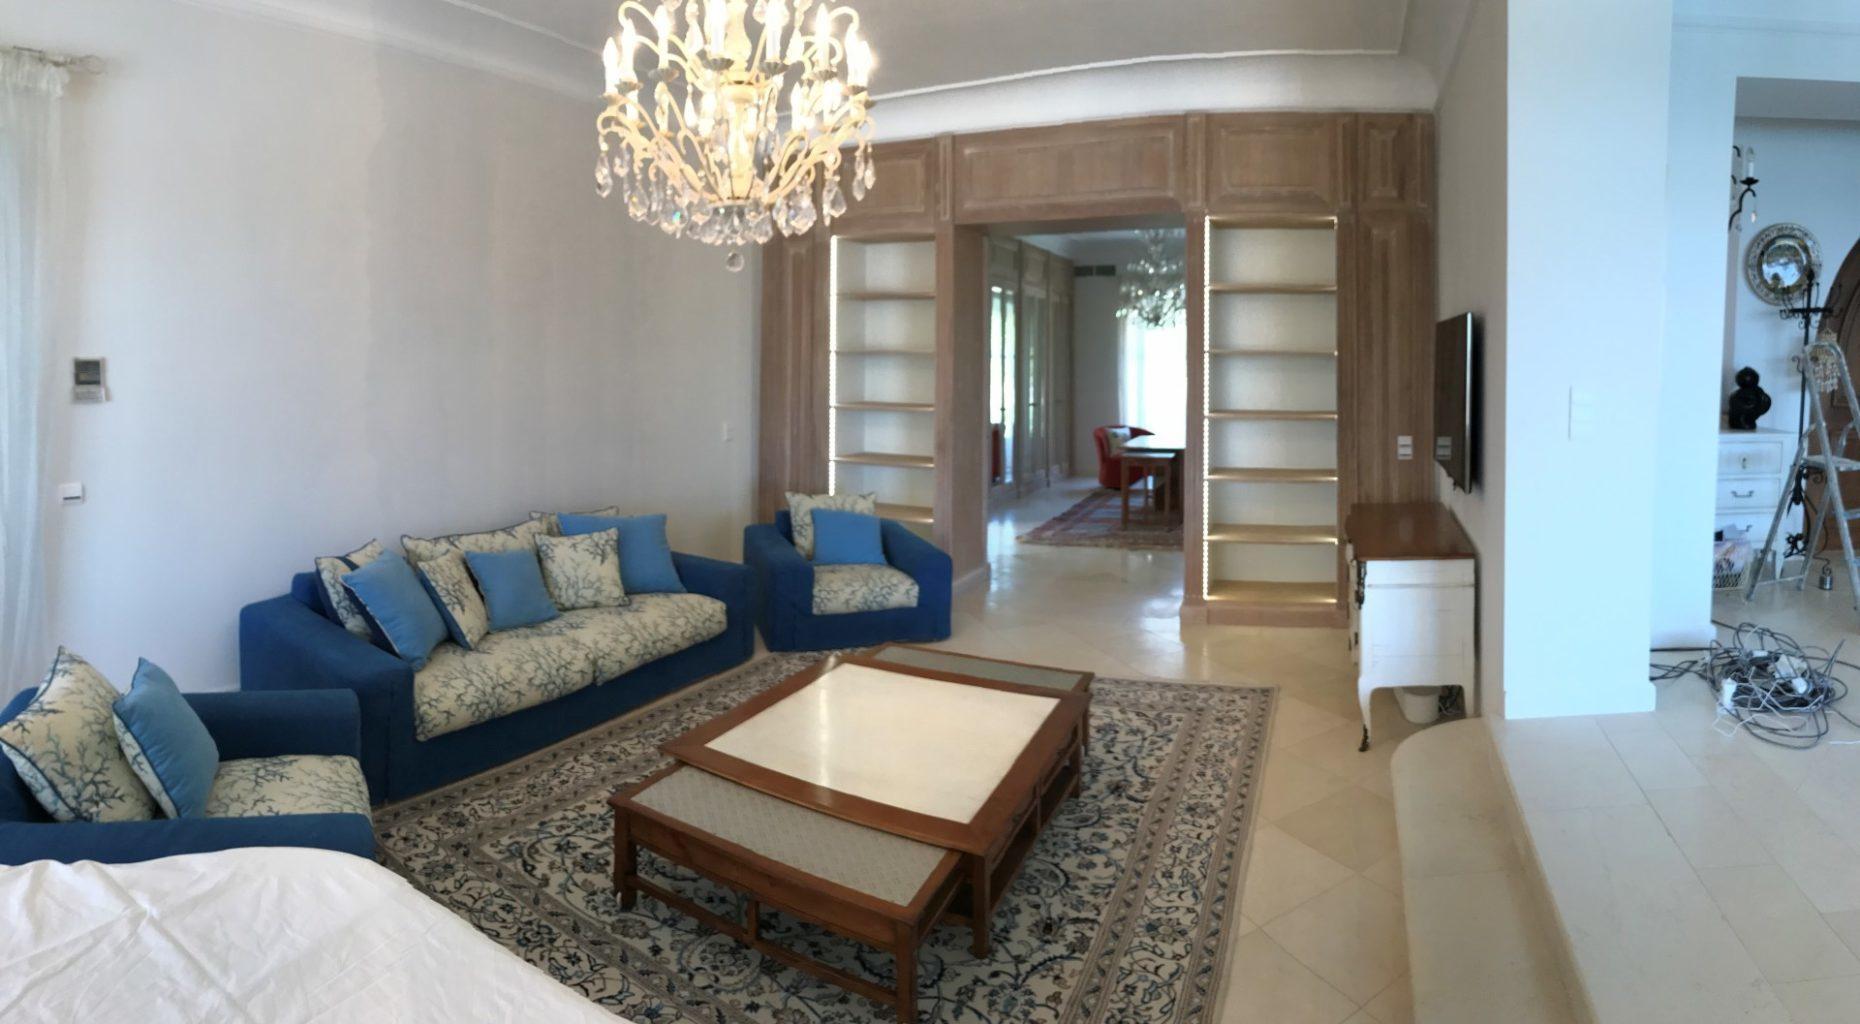 travaux de r novation d 39 une maison cannes 06 alpes maritimes. Black Bedroom Furniture Sets. Home Design Ideas